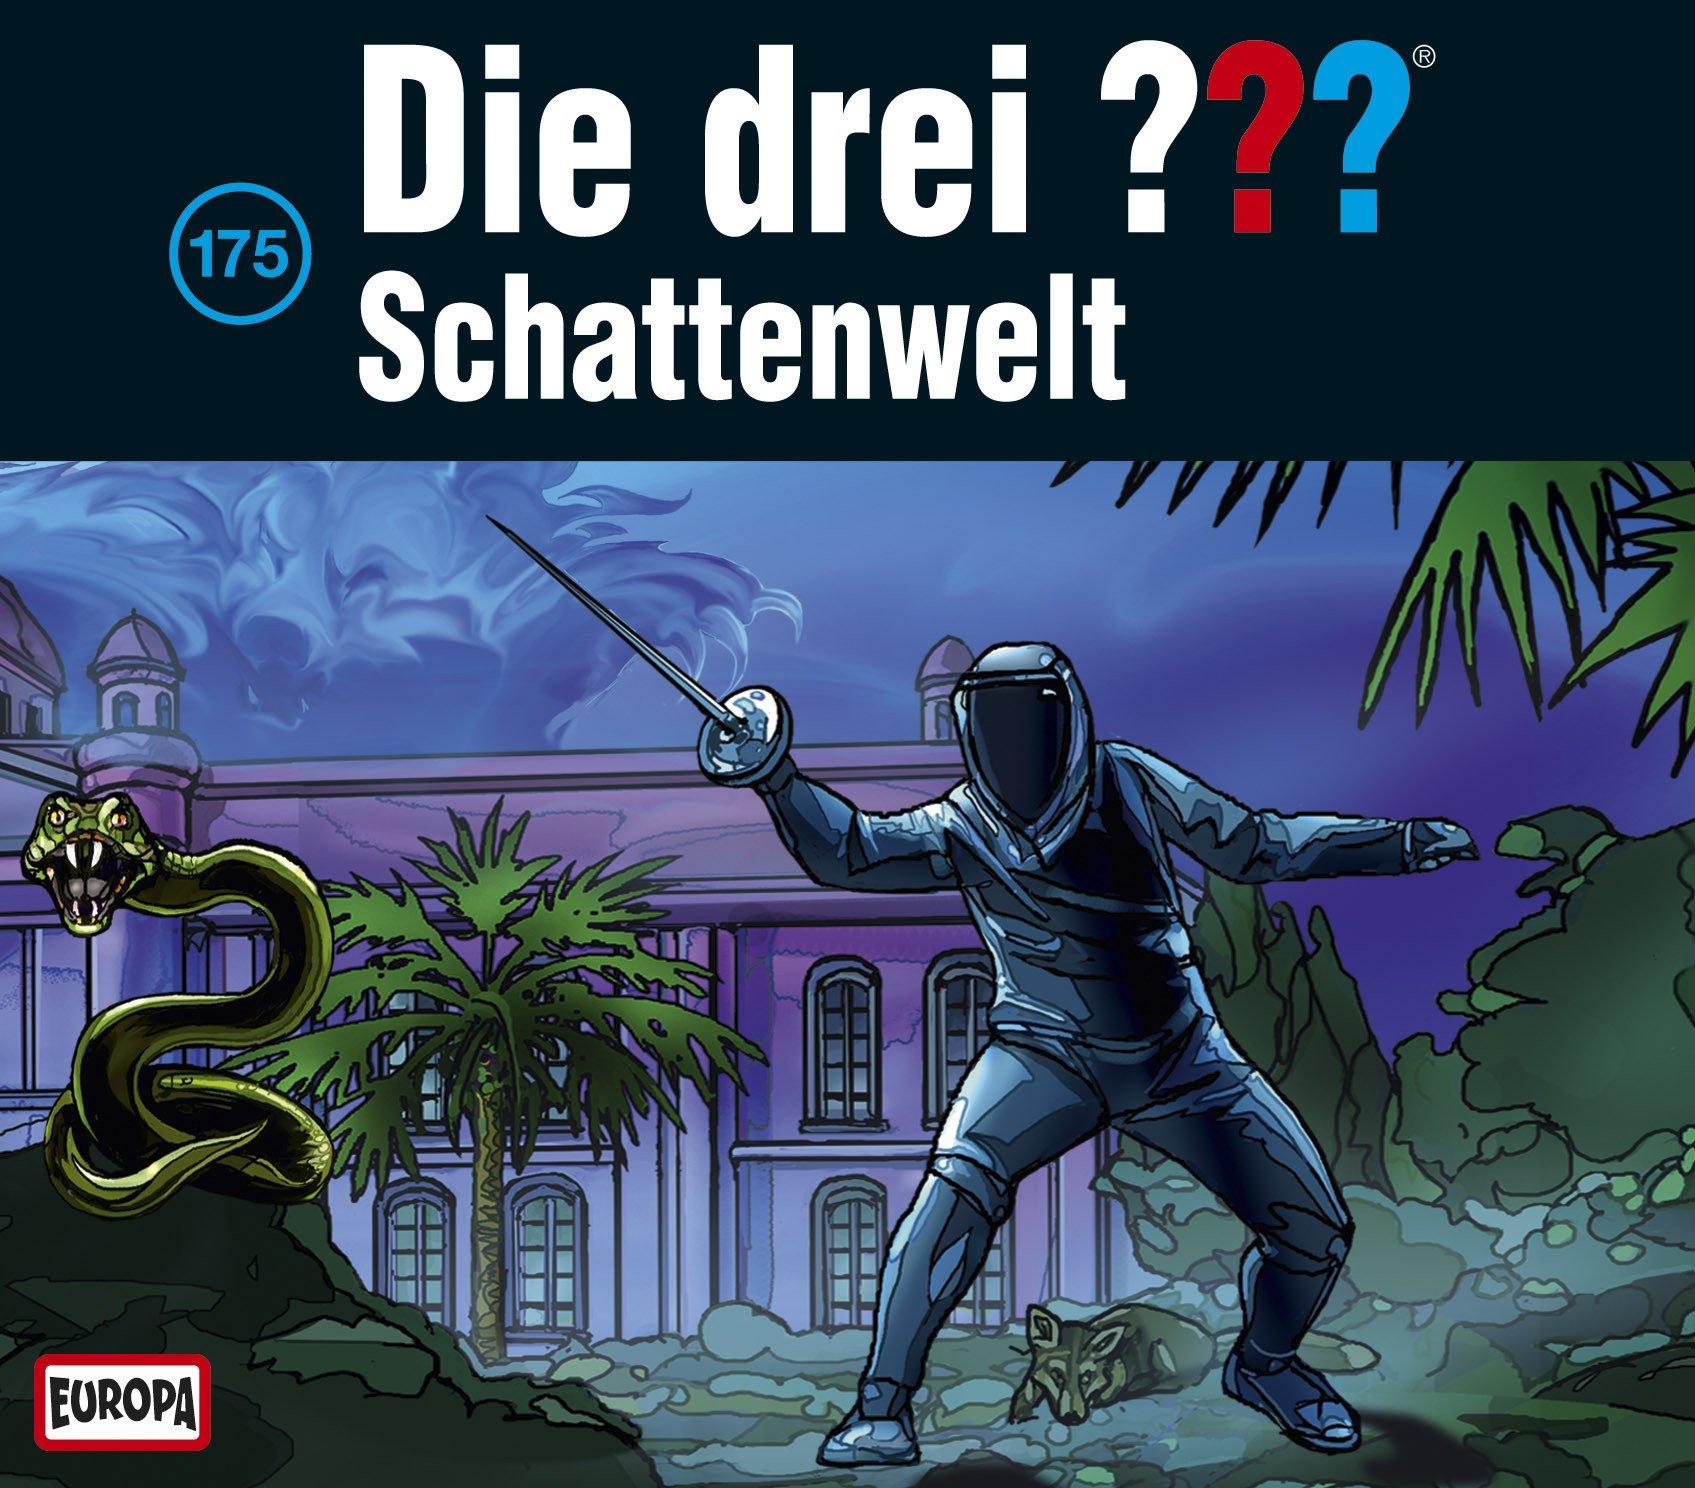 Die drei ??? (175) Schattenwelt - Europa 2015